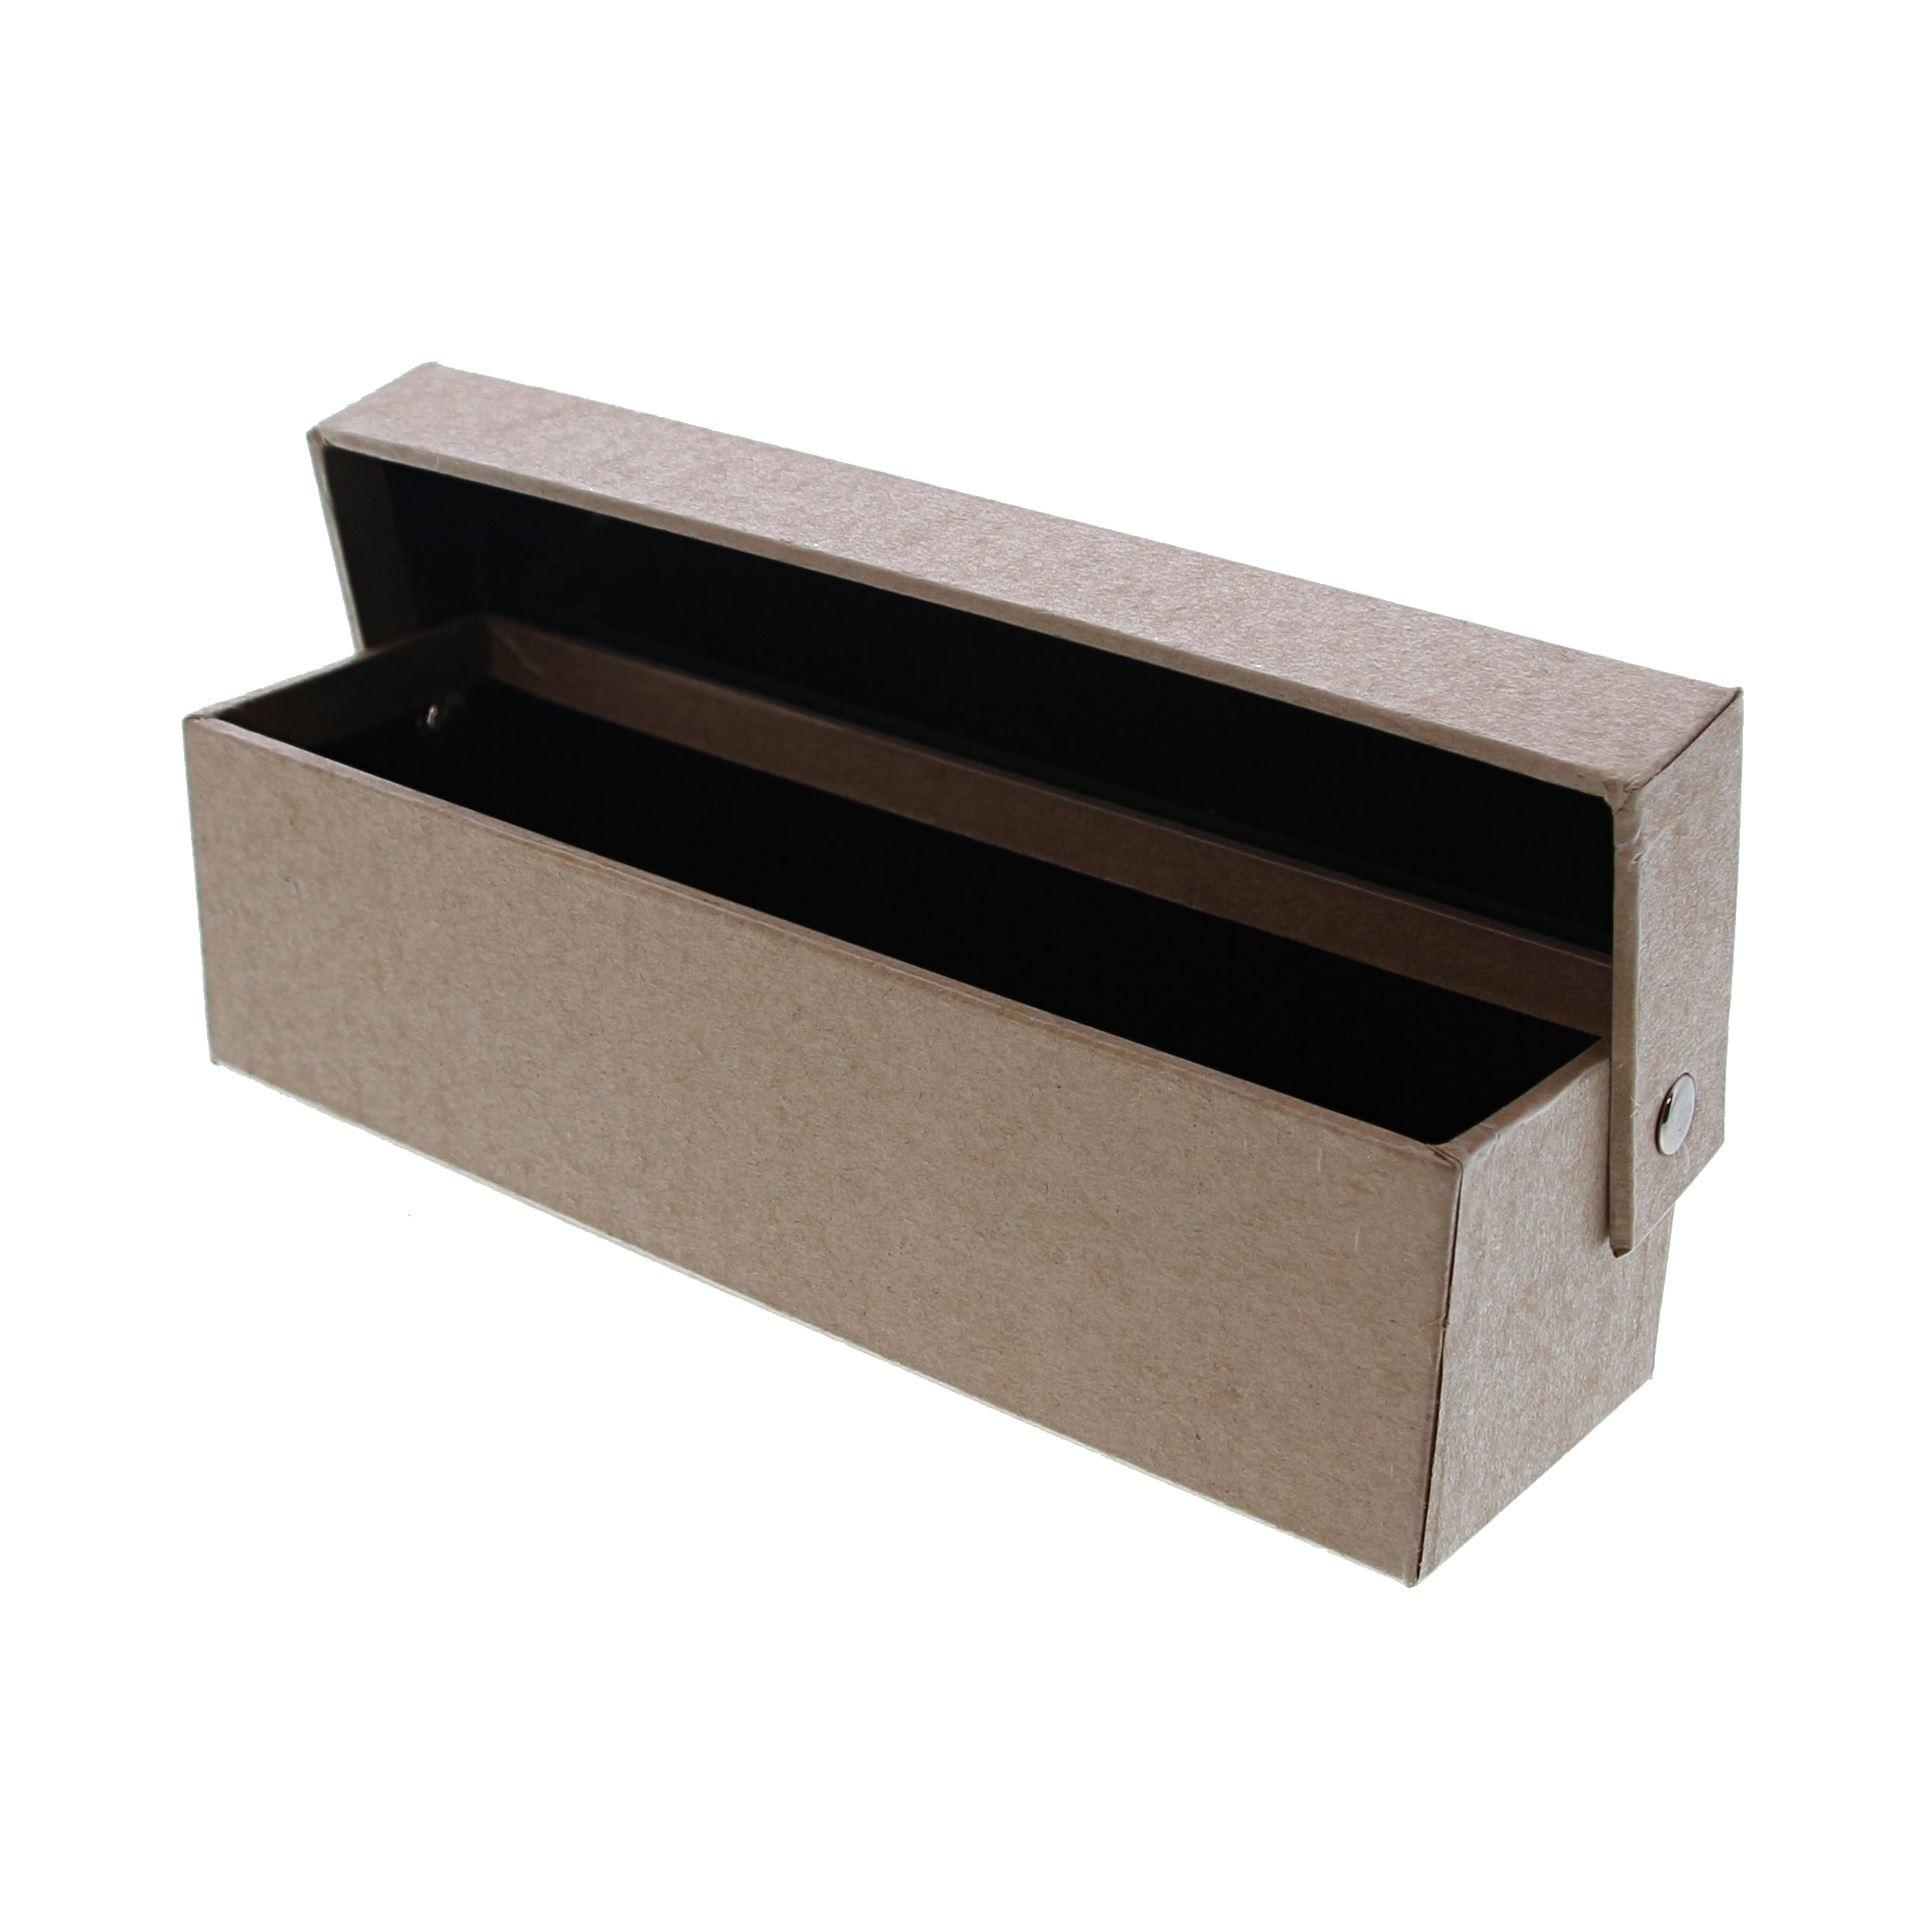 Kraft doos met deksel rechthoekig - 190*60*55mm - 10 stuks